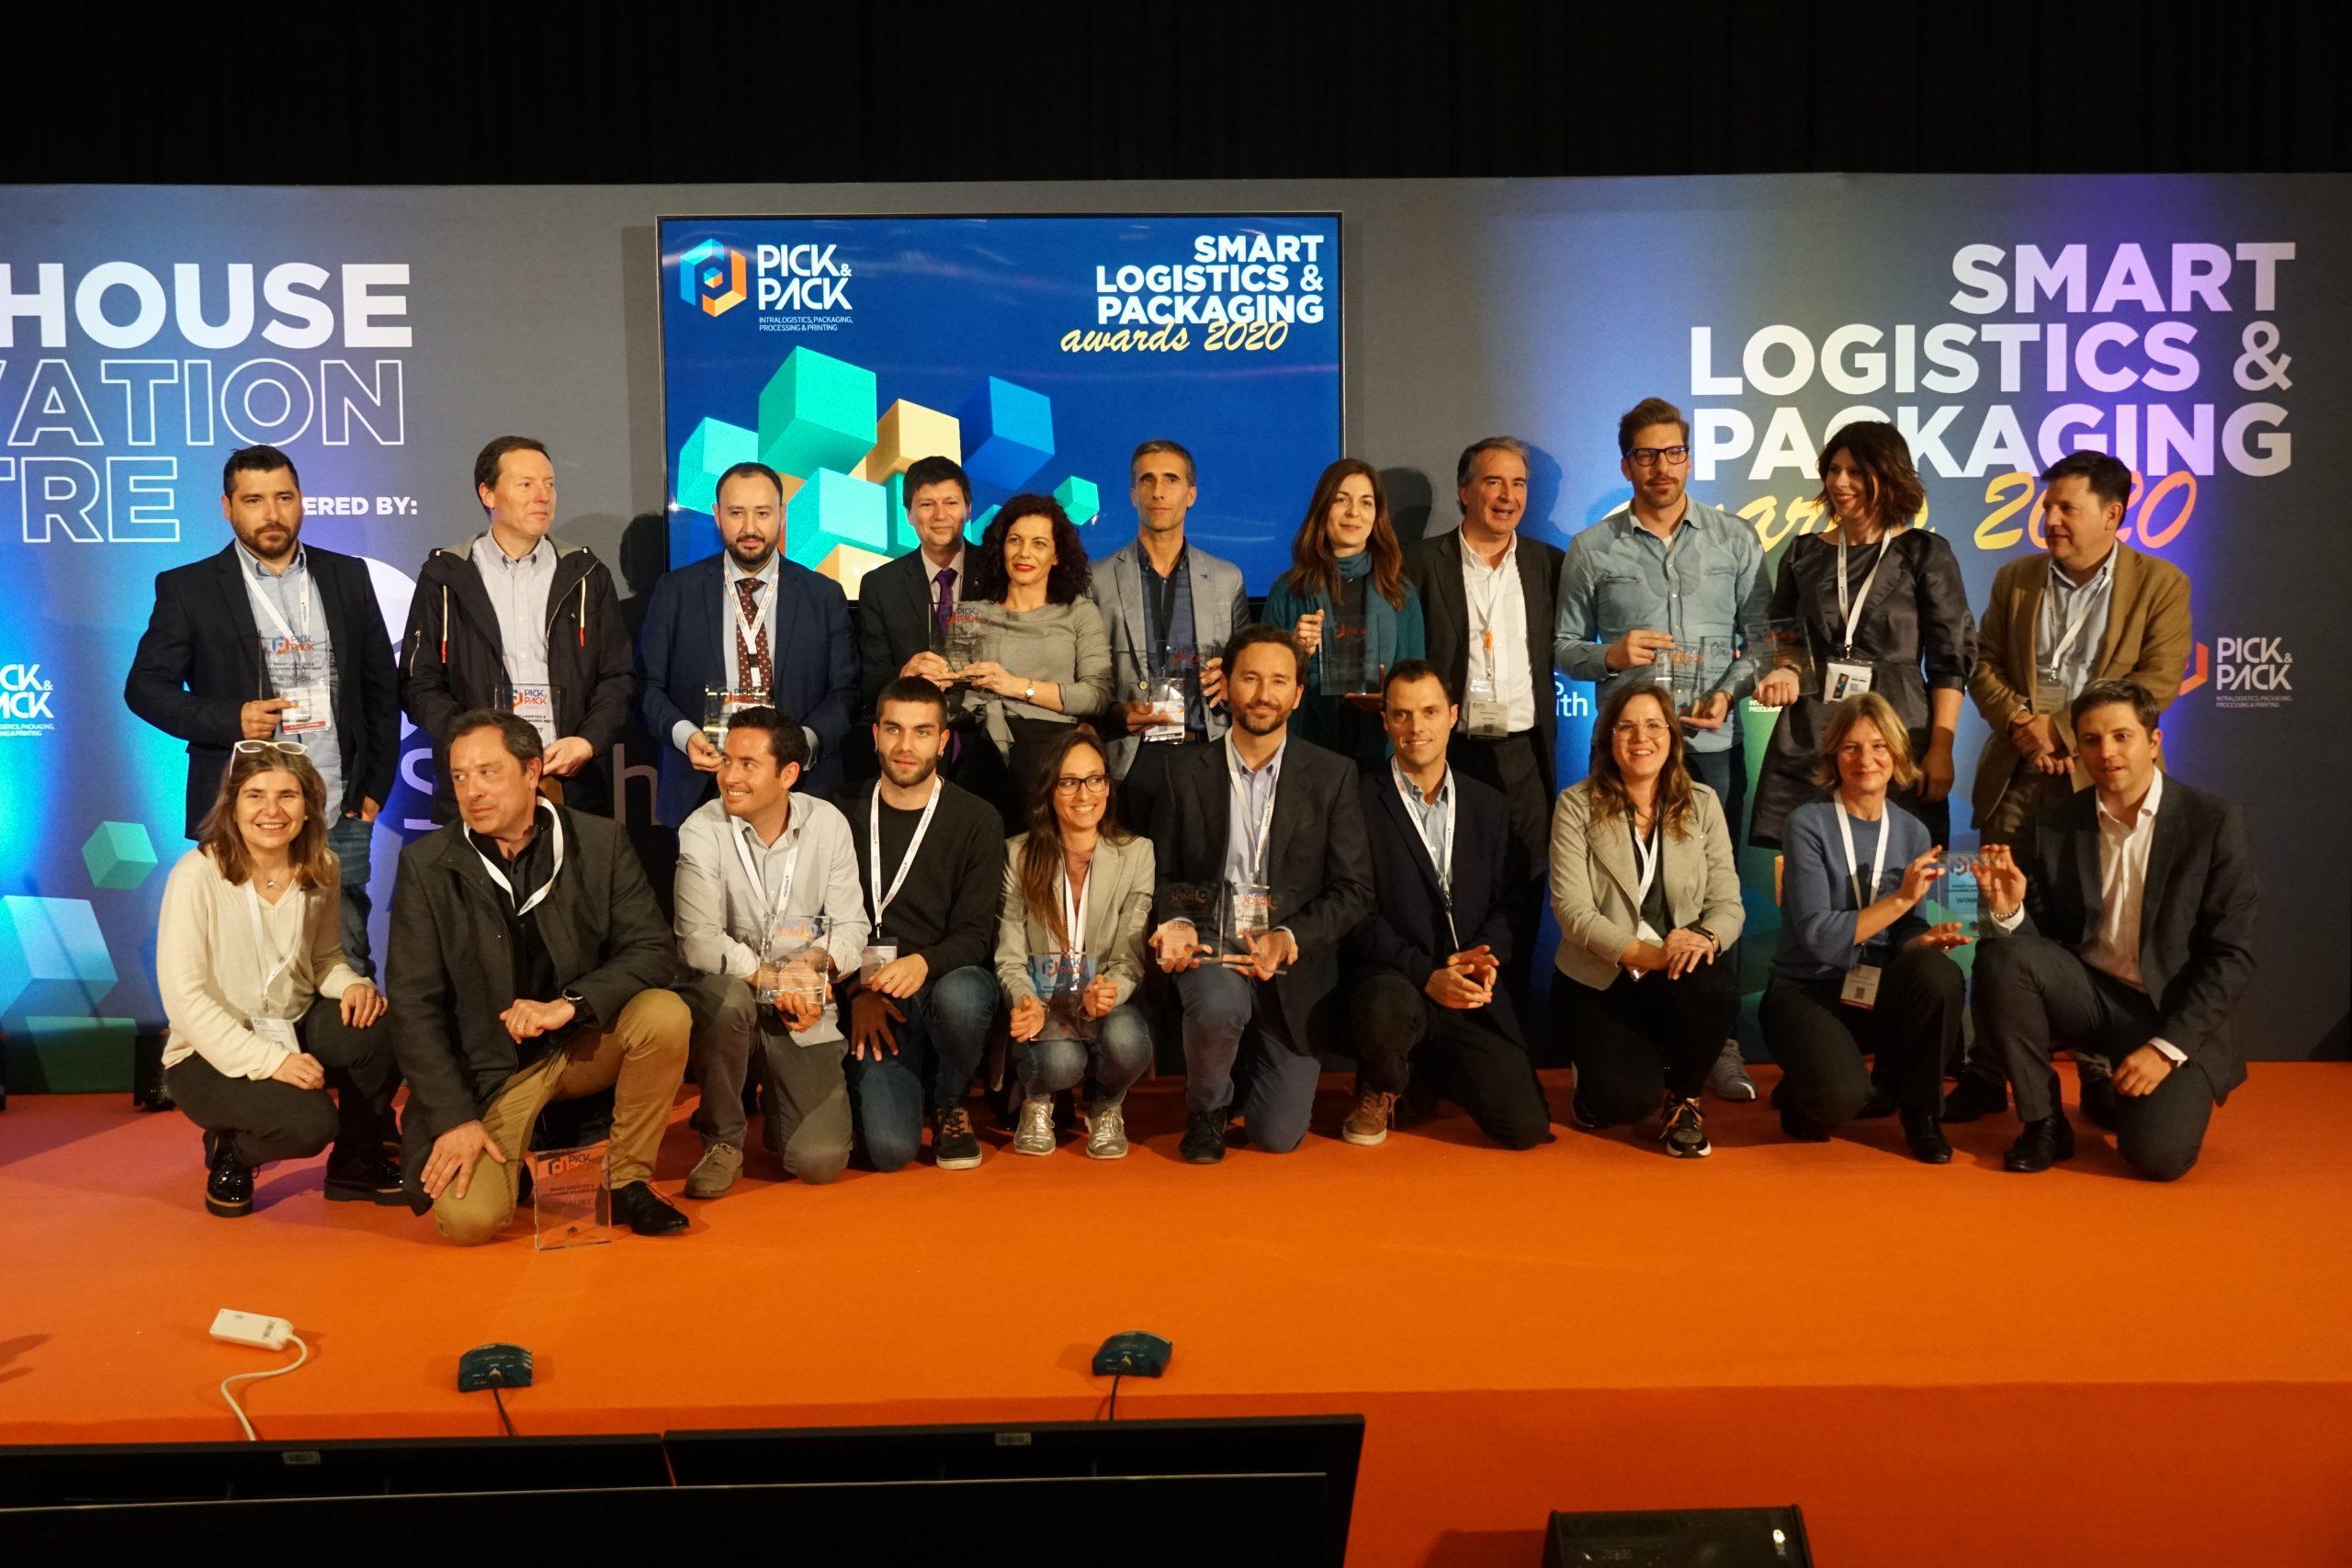 Pick&Pack premia la apuesta por los almacenes 4.0 y la digitalización intralogística con los Smart Logistics & Packaging Awards 2021